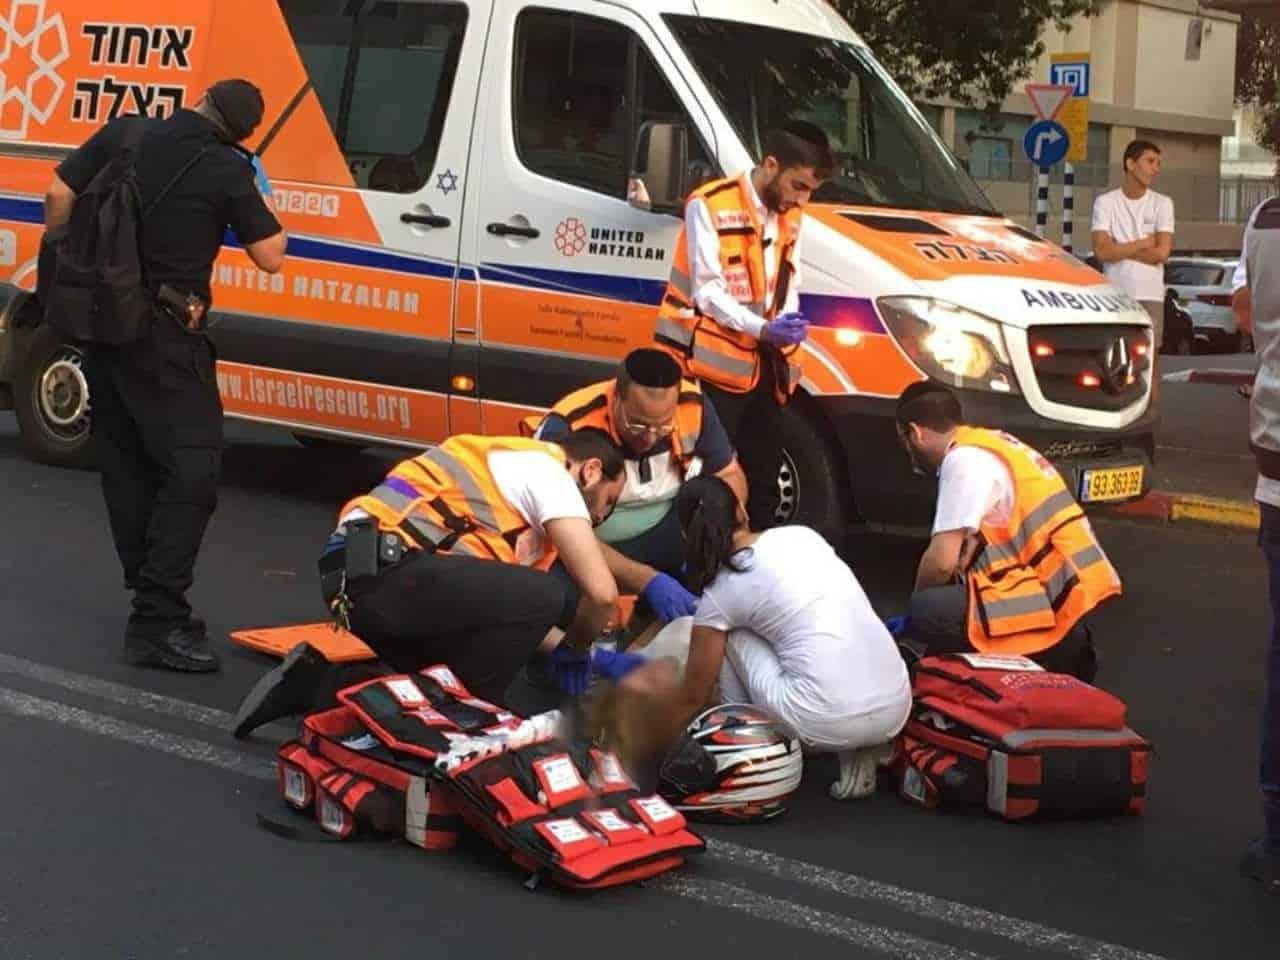 מצילים חיים, צילום: באדיבות דוברות איחוד הצלה